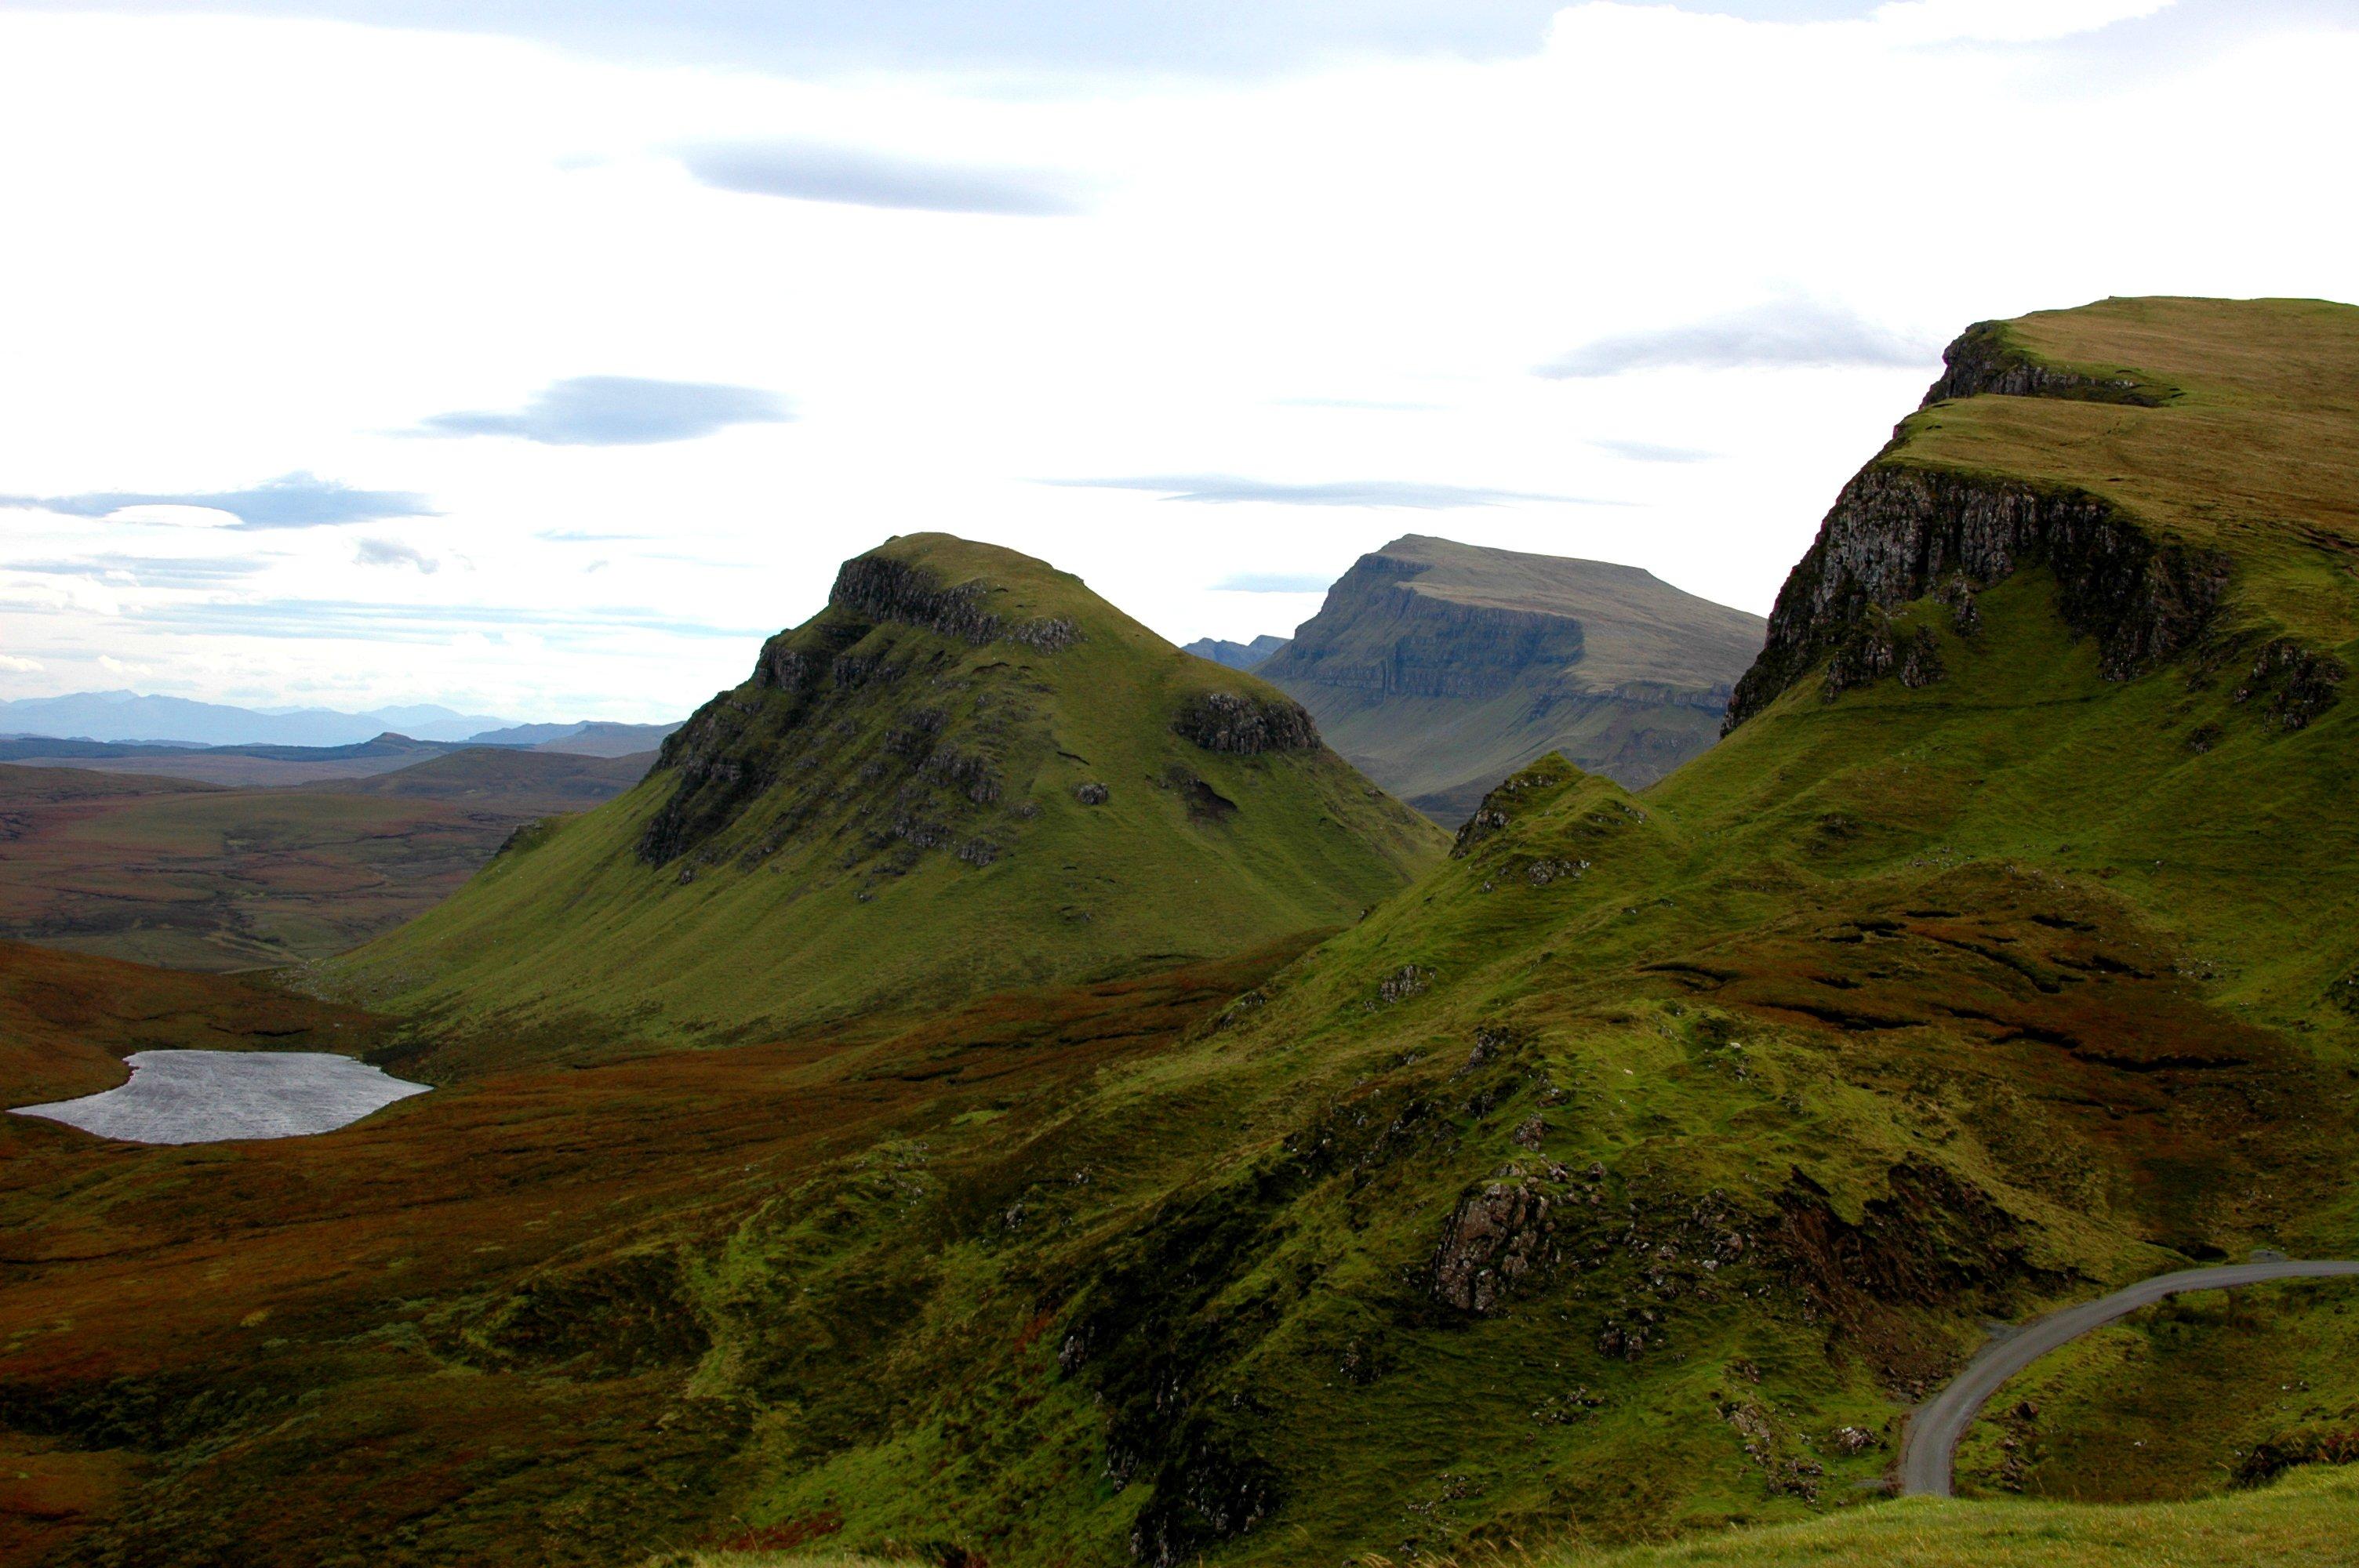 Hiking the Quiraing on the Isle of Skye